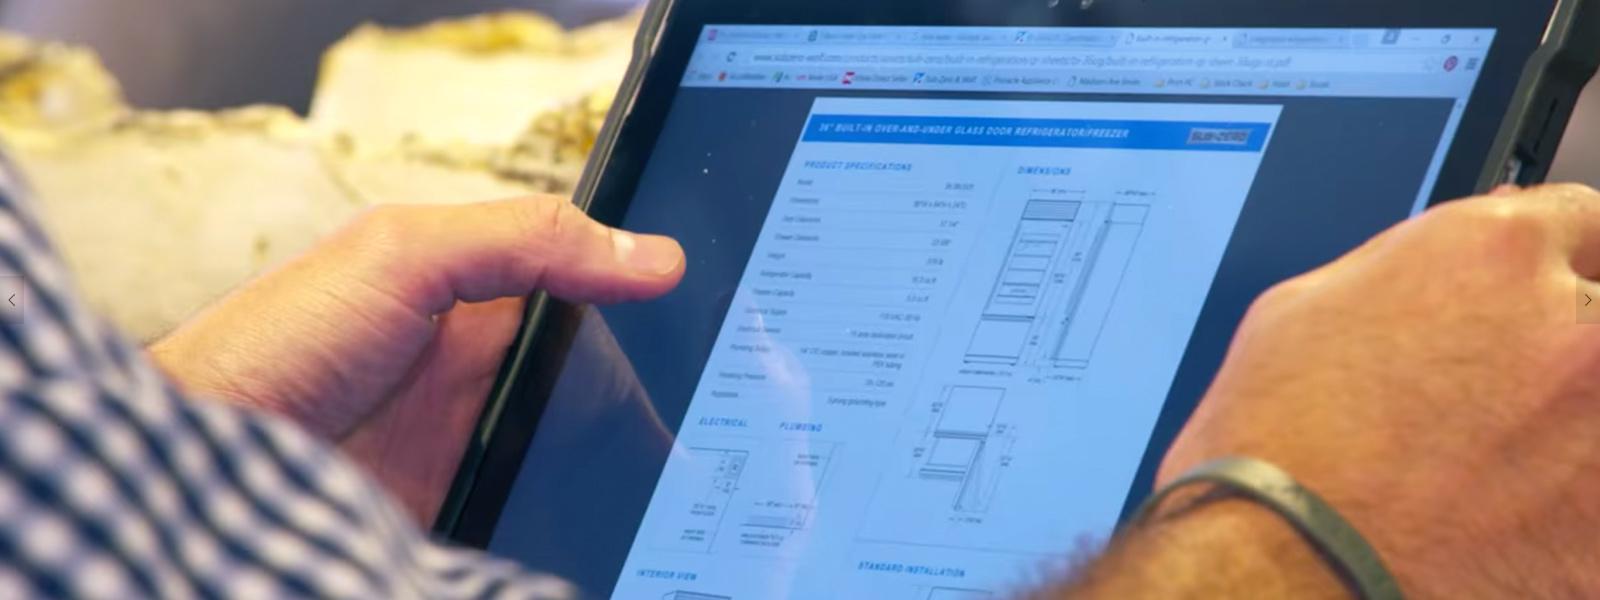 Mann informiert sich an seinem Surface-Tablet über Aktien